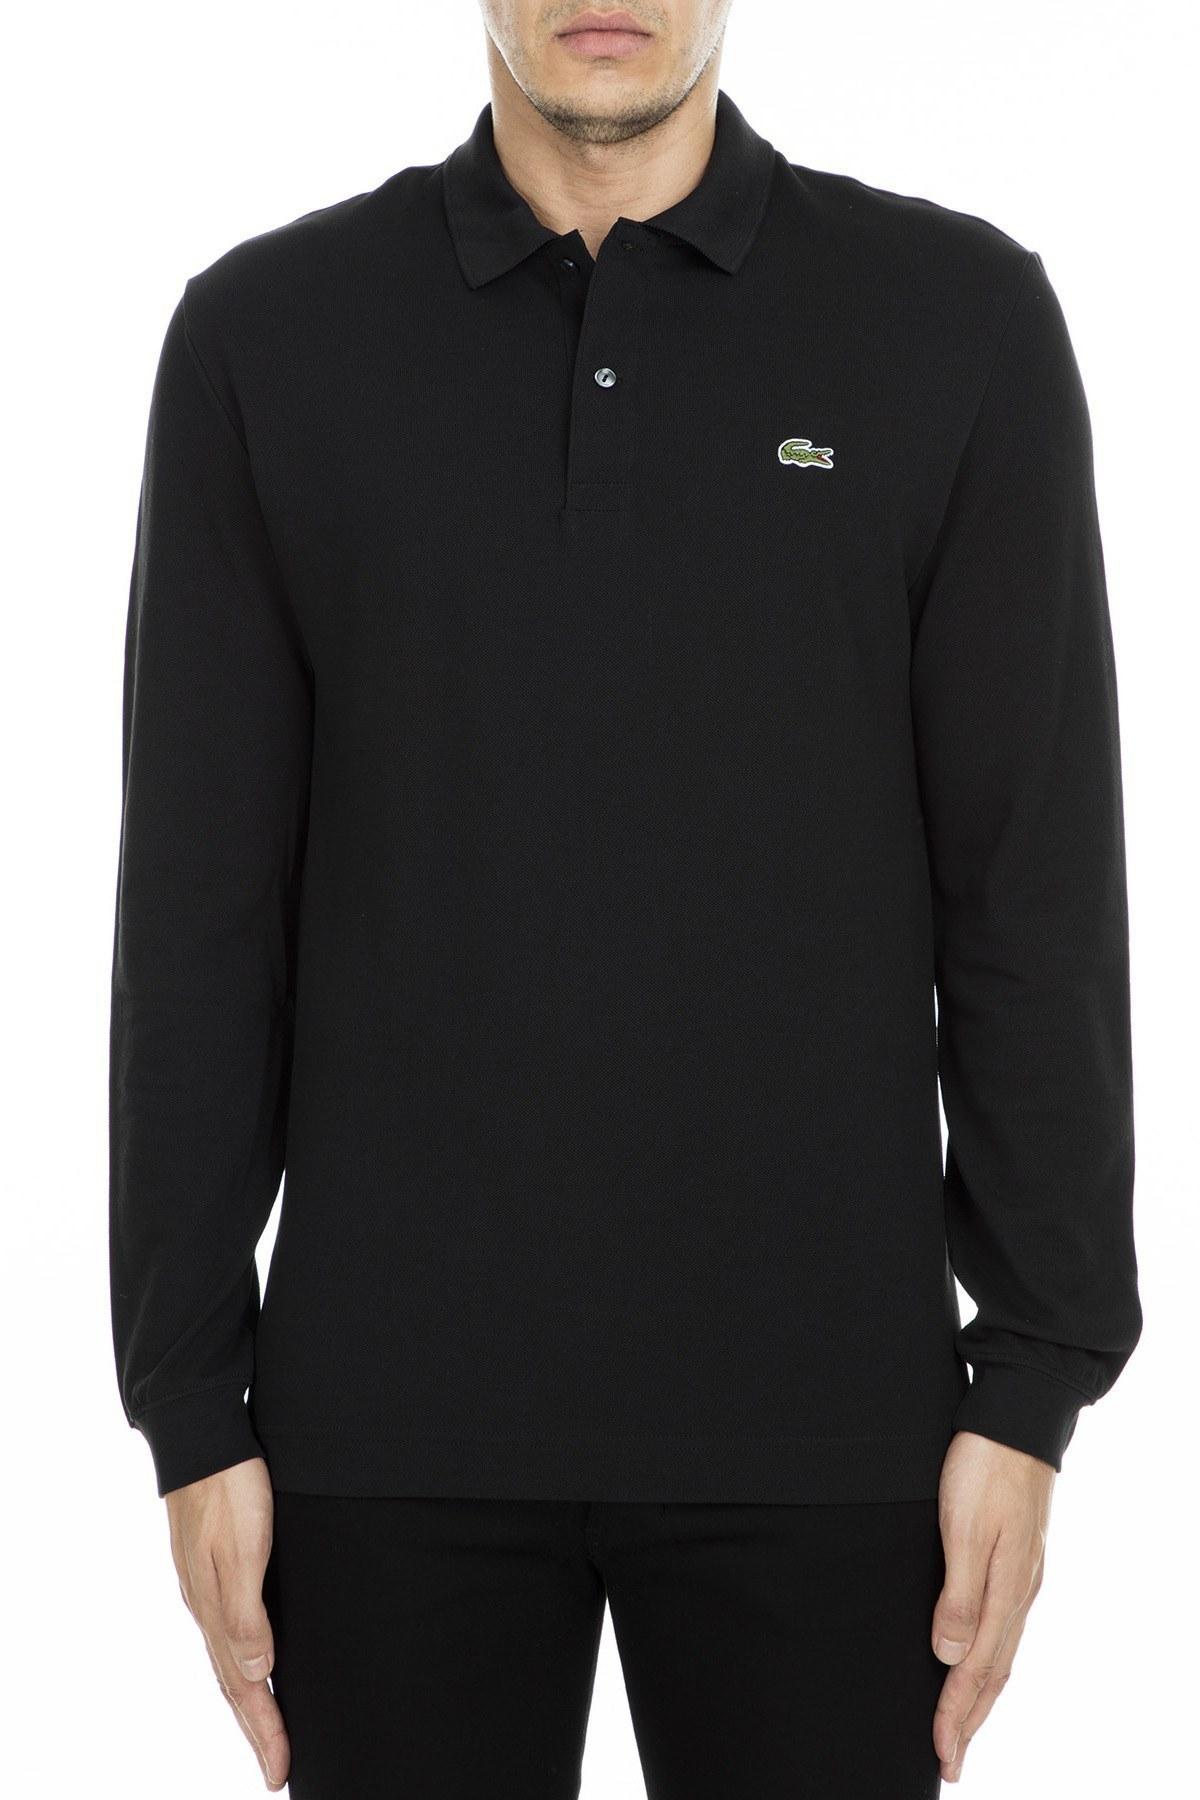 Lacoste T Shirt Erkek Polo PH4013 031 SİYAH